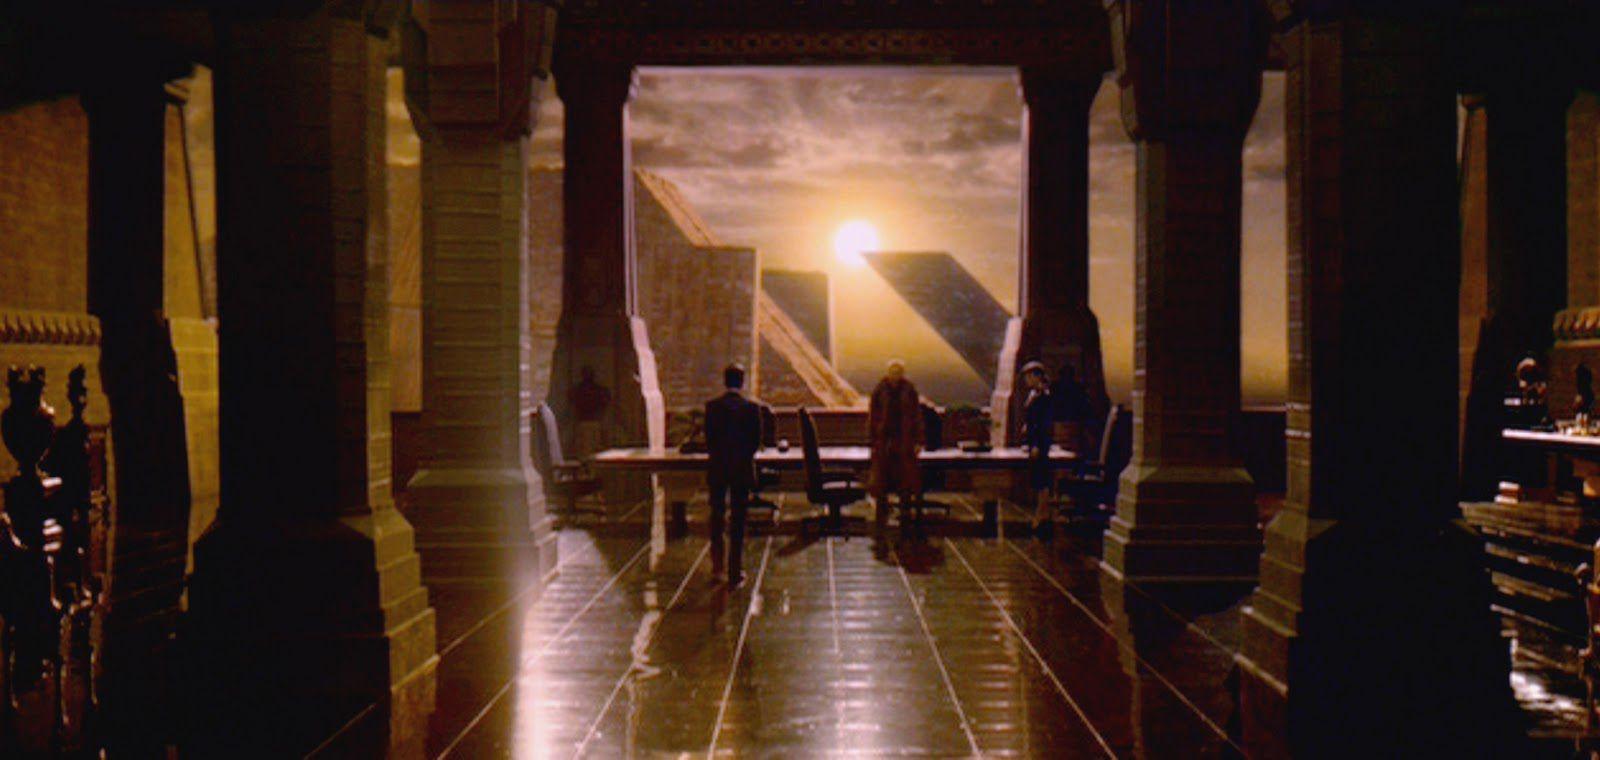 Blade Runner 2049: Một tác phẩm đẹp trên bầu trời giả tưởng u mê (1)